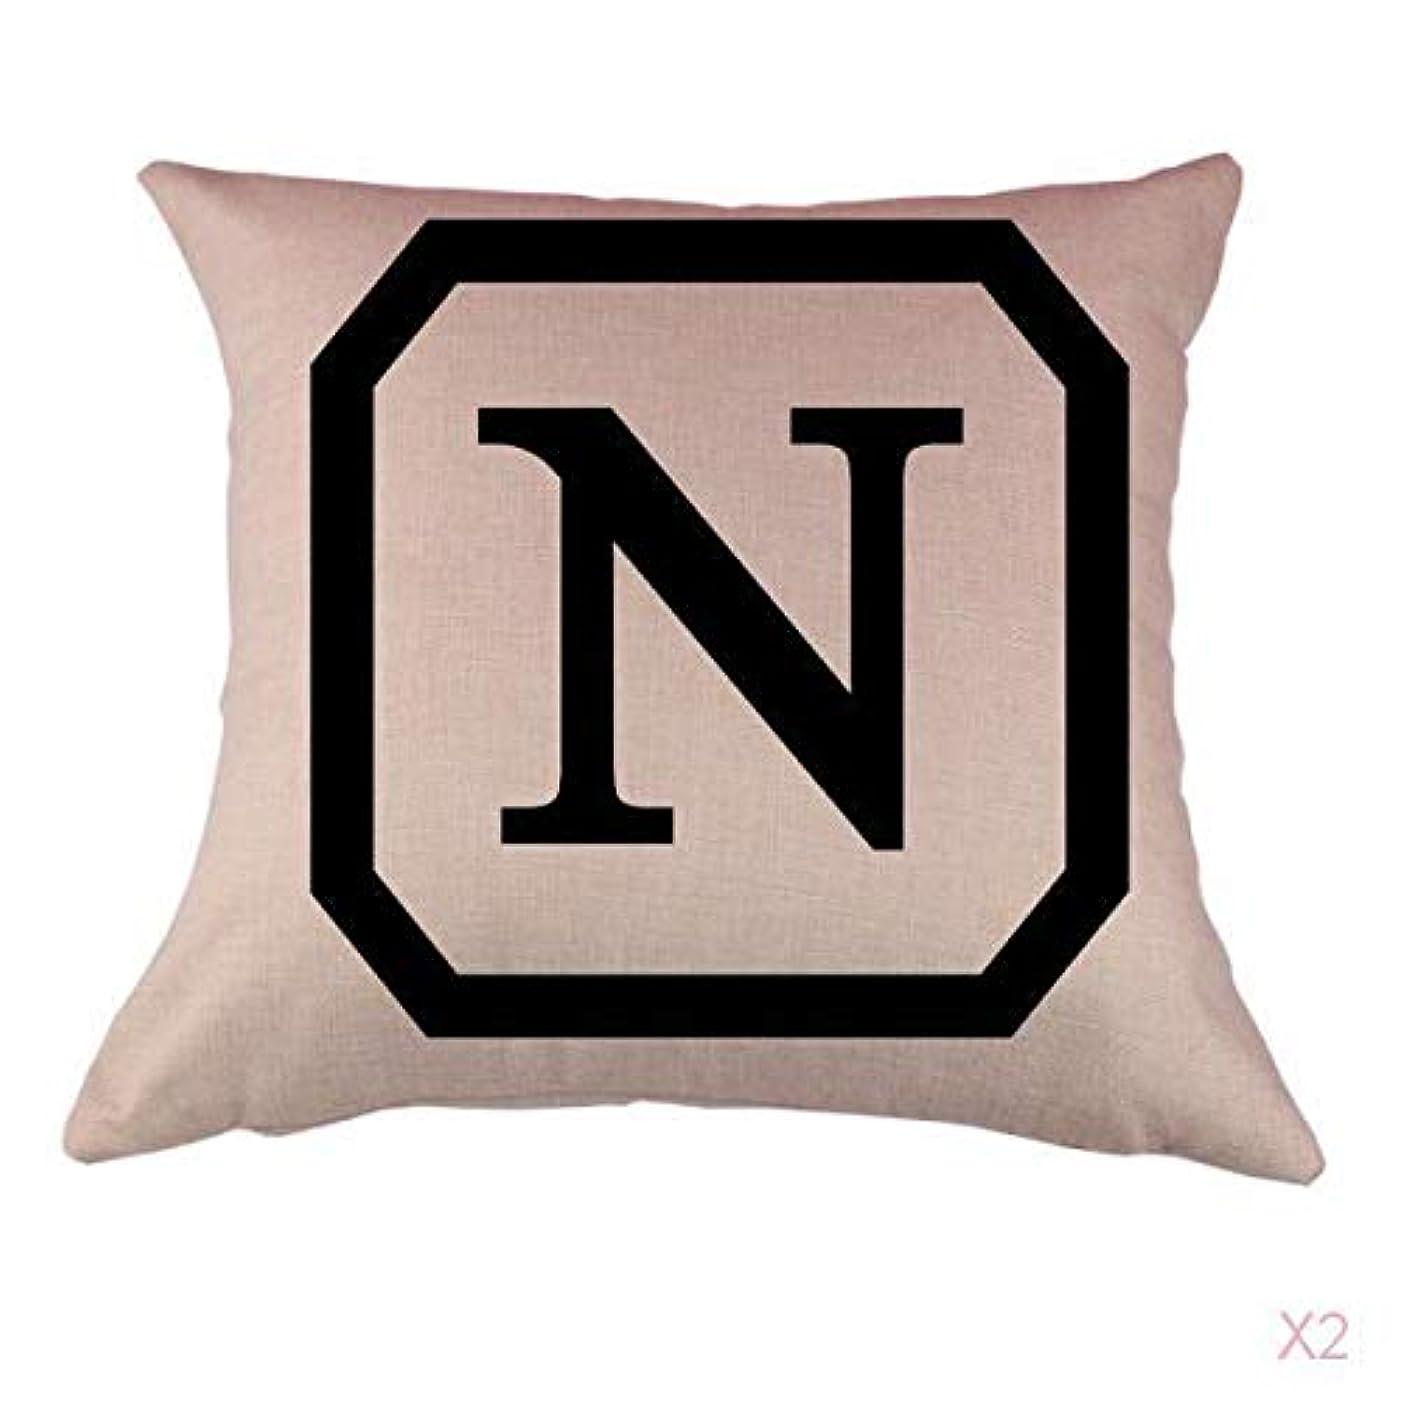 空いている懇願する完璧コットンリネンスロー枕カバークッションカバー家の装飾頭文字nを